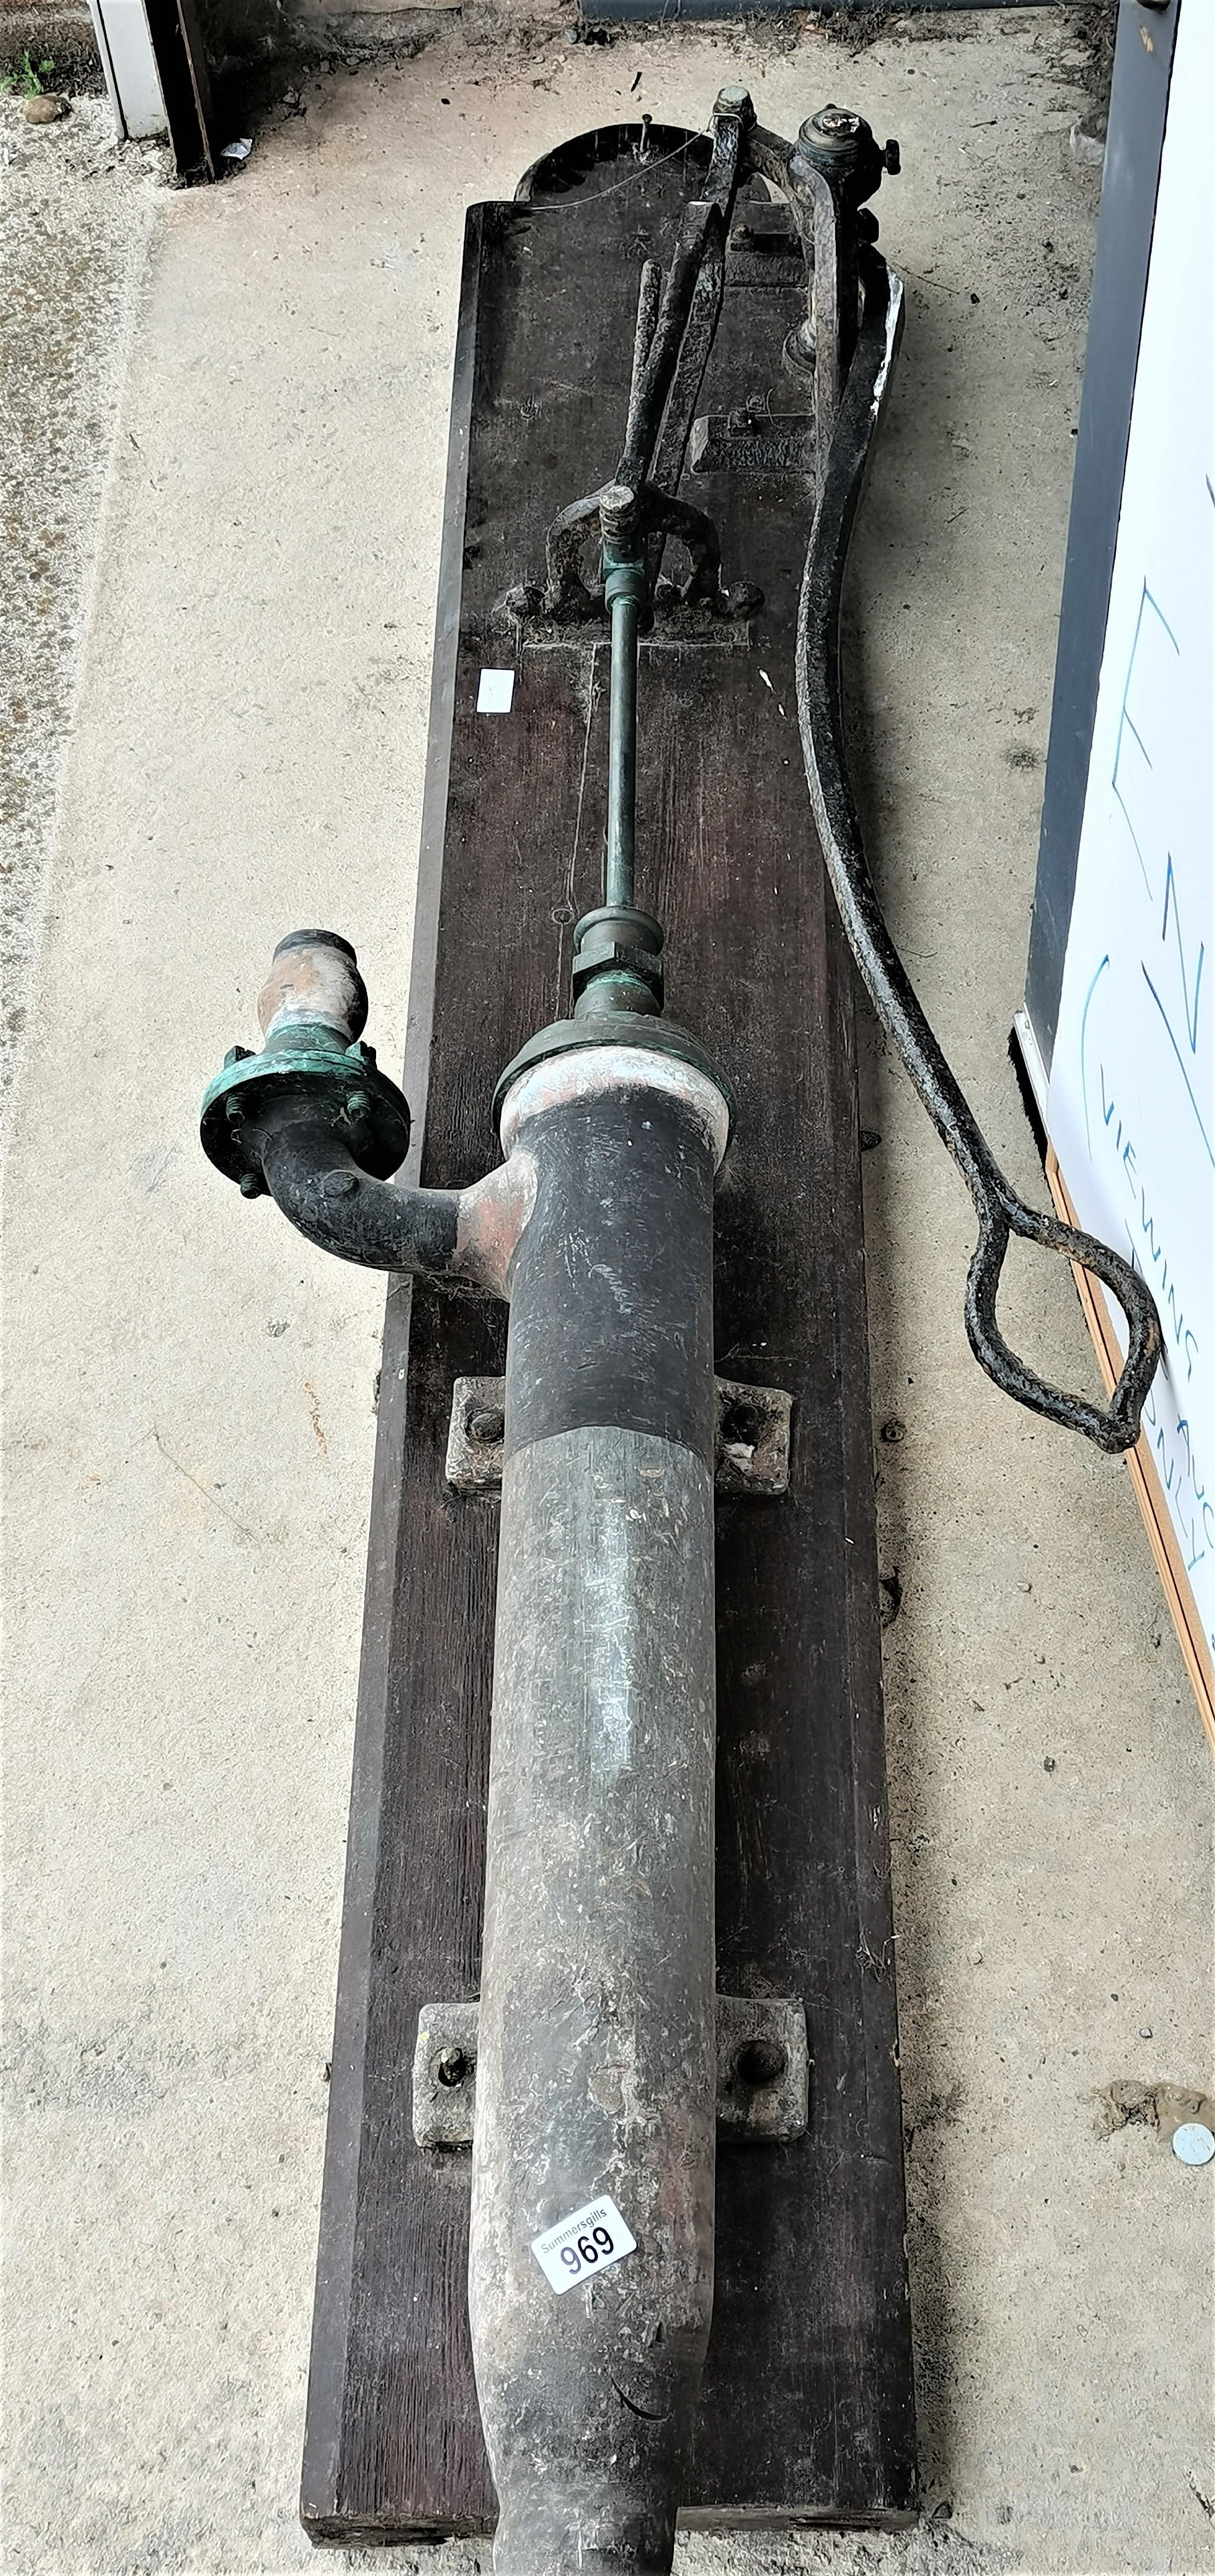 Antique large lead pump